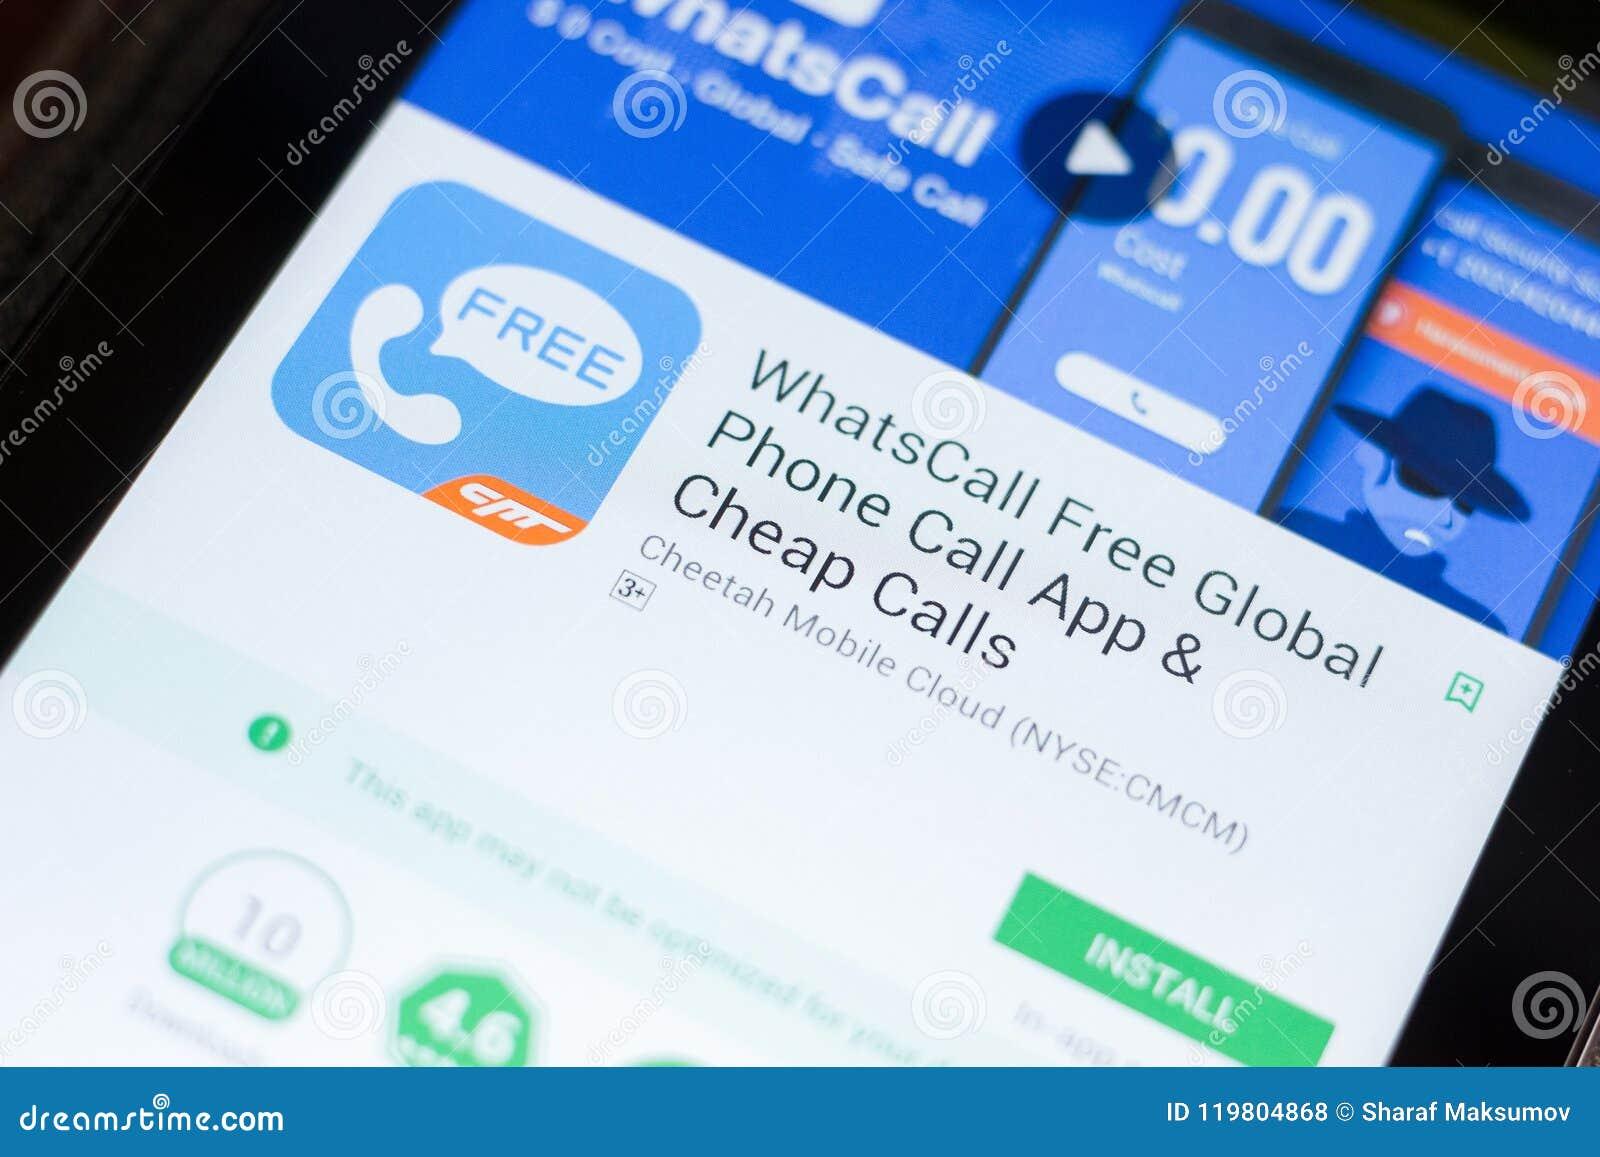 Ryazan, Russia - June 24, 2018: WhatsCall Free Global Phone